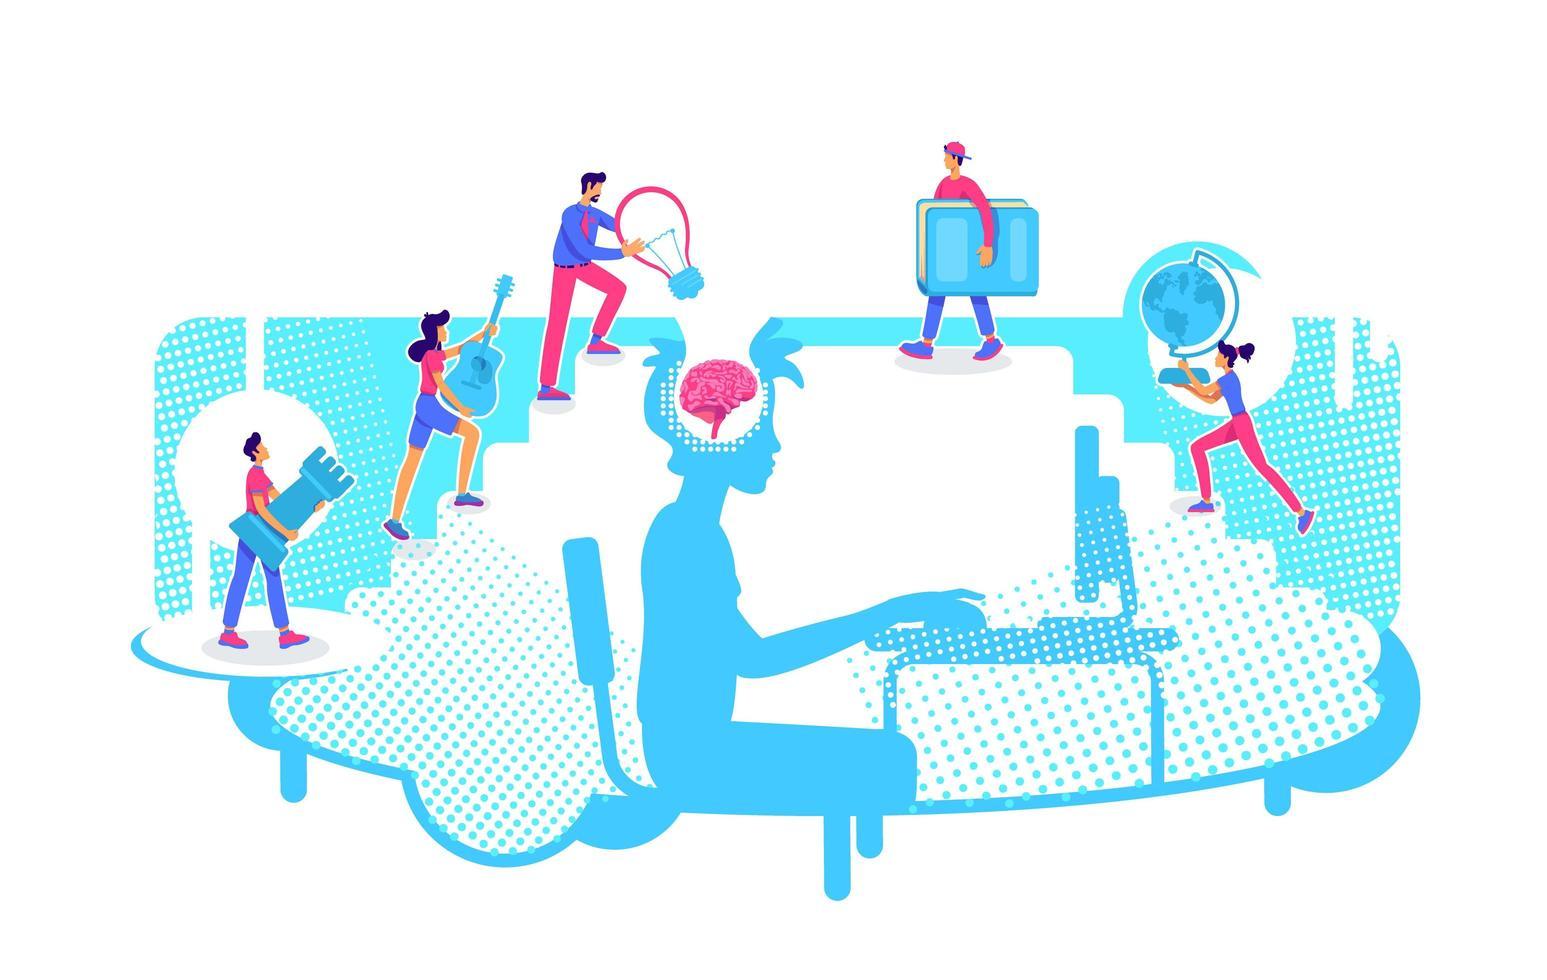 aprendizaje universitario en línea vector